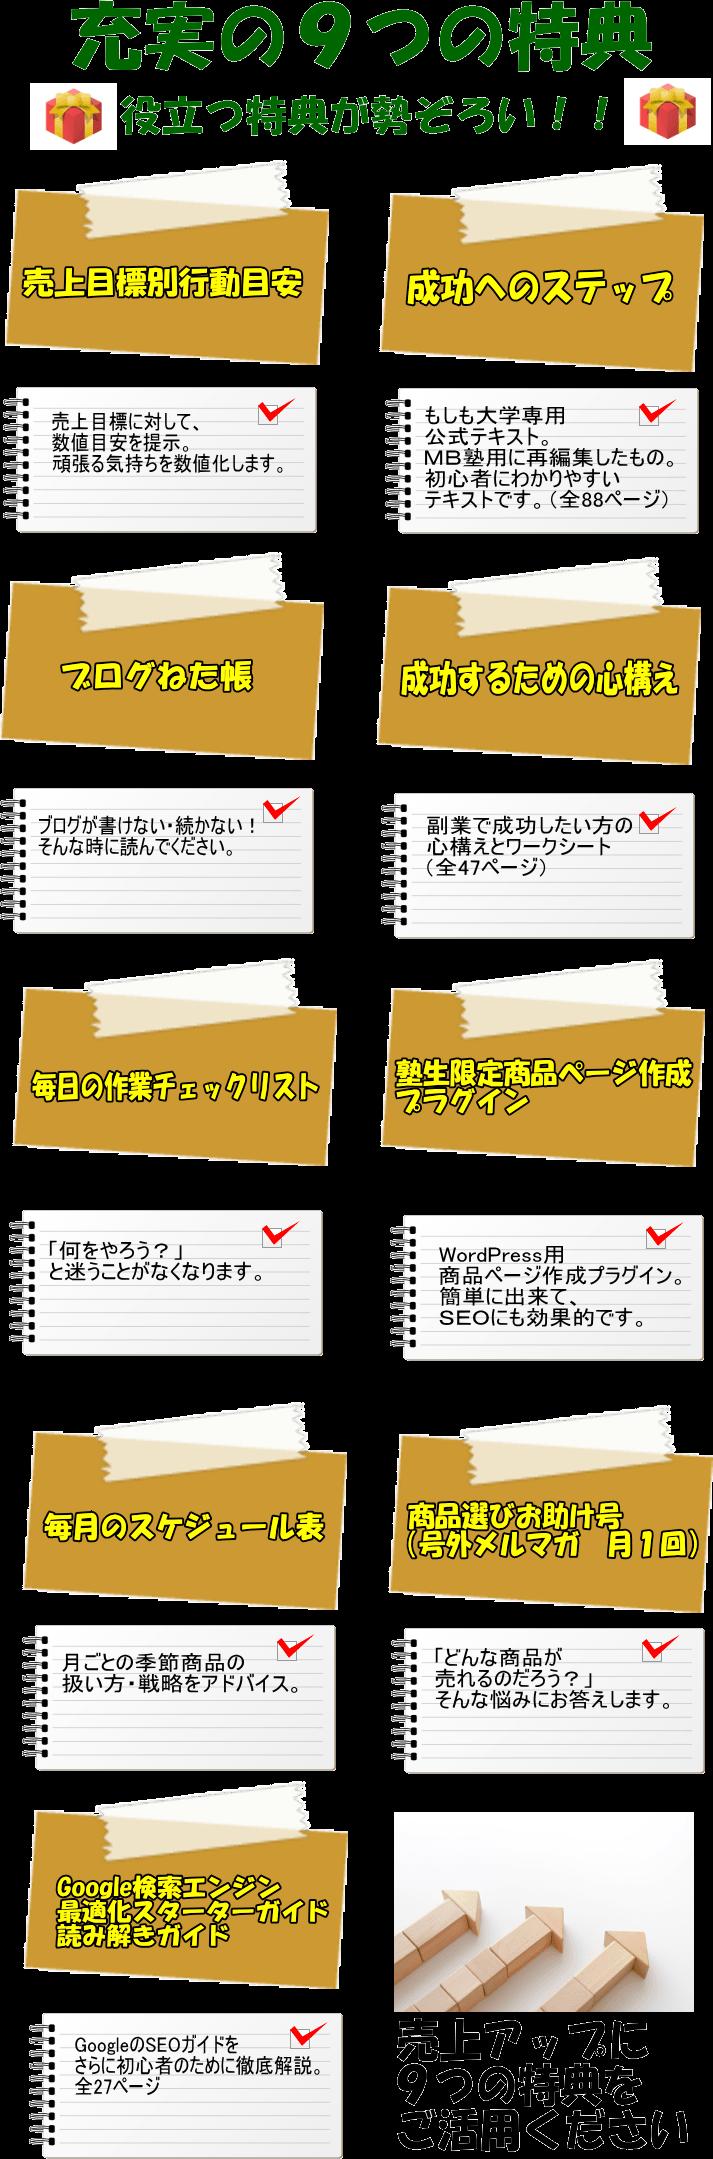 9つの特典